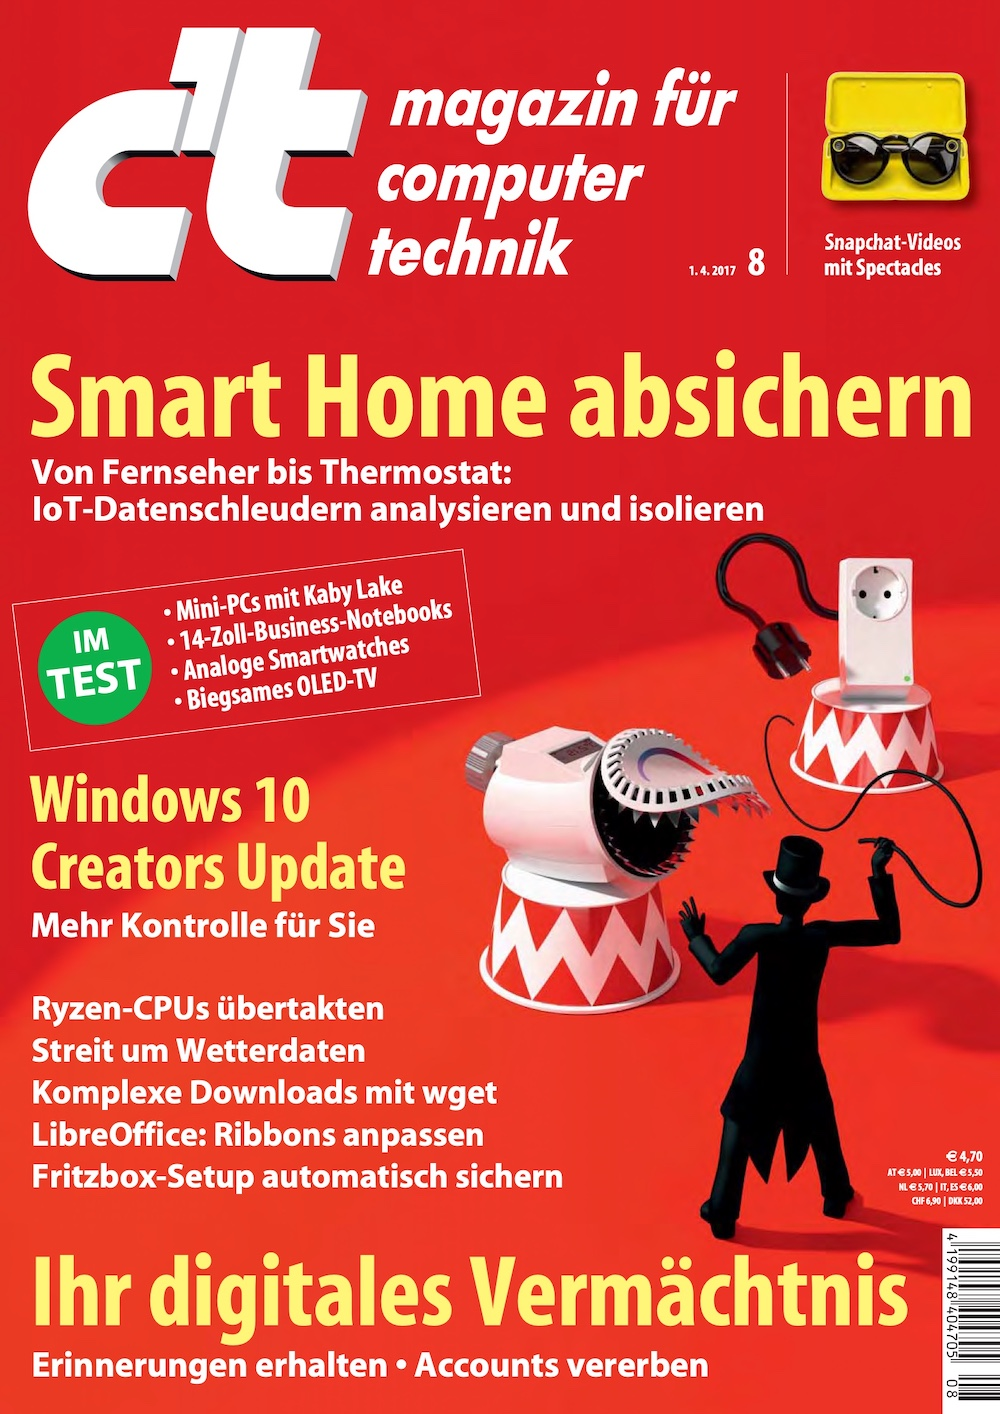 c't Magazin 2017-08